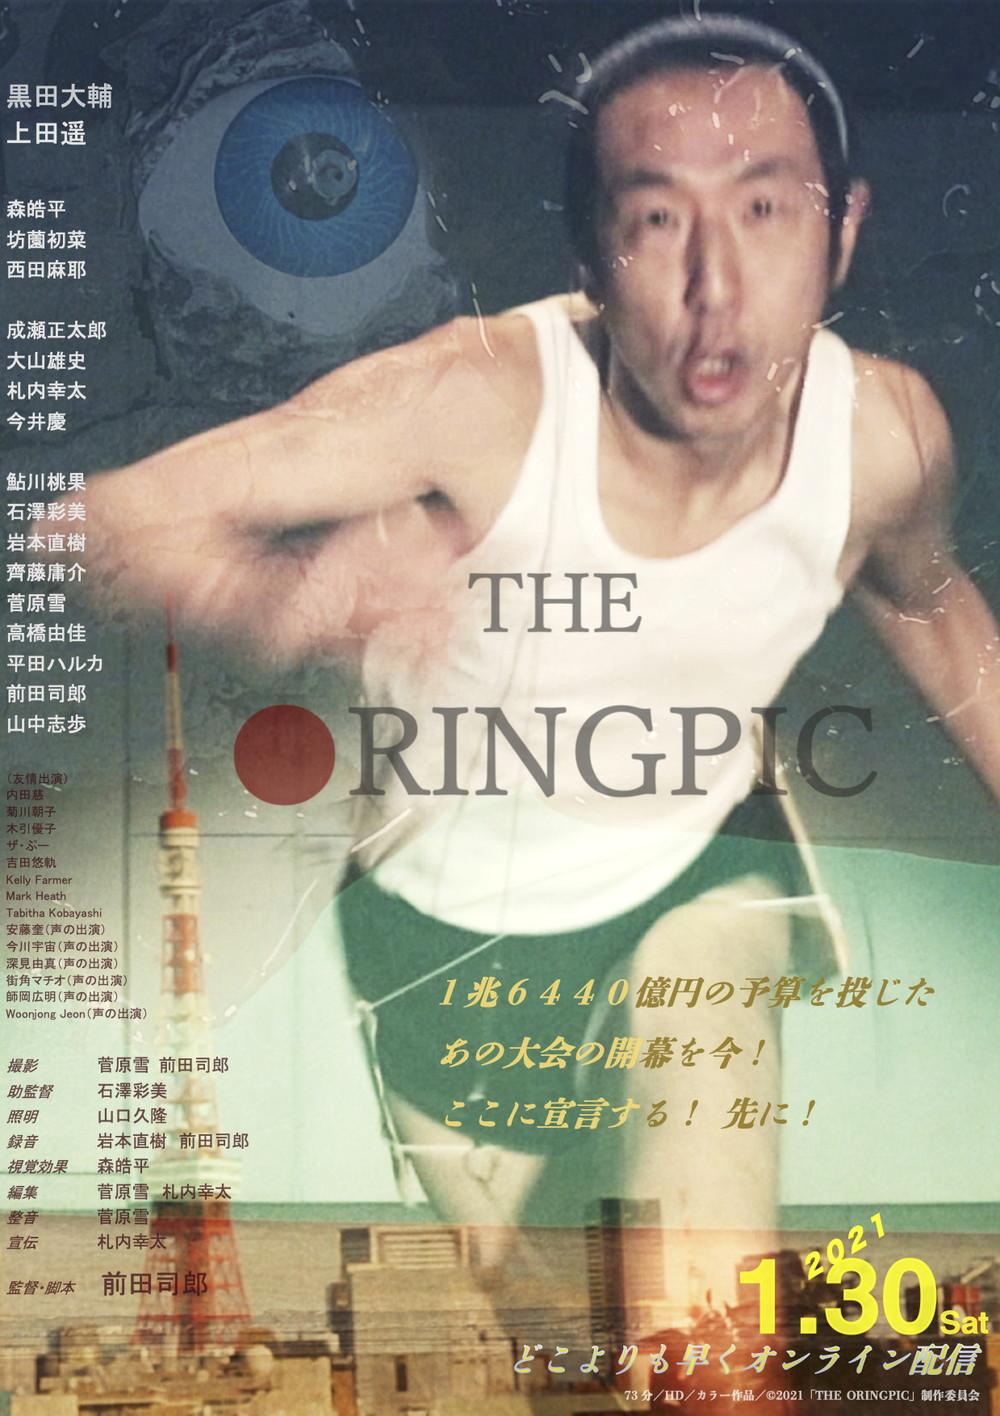 五反田団。THE ORINGPIC ポスター